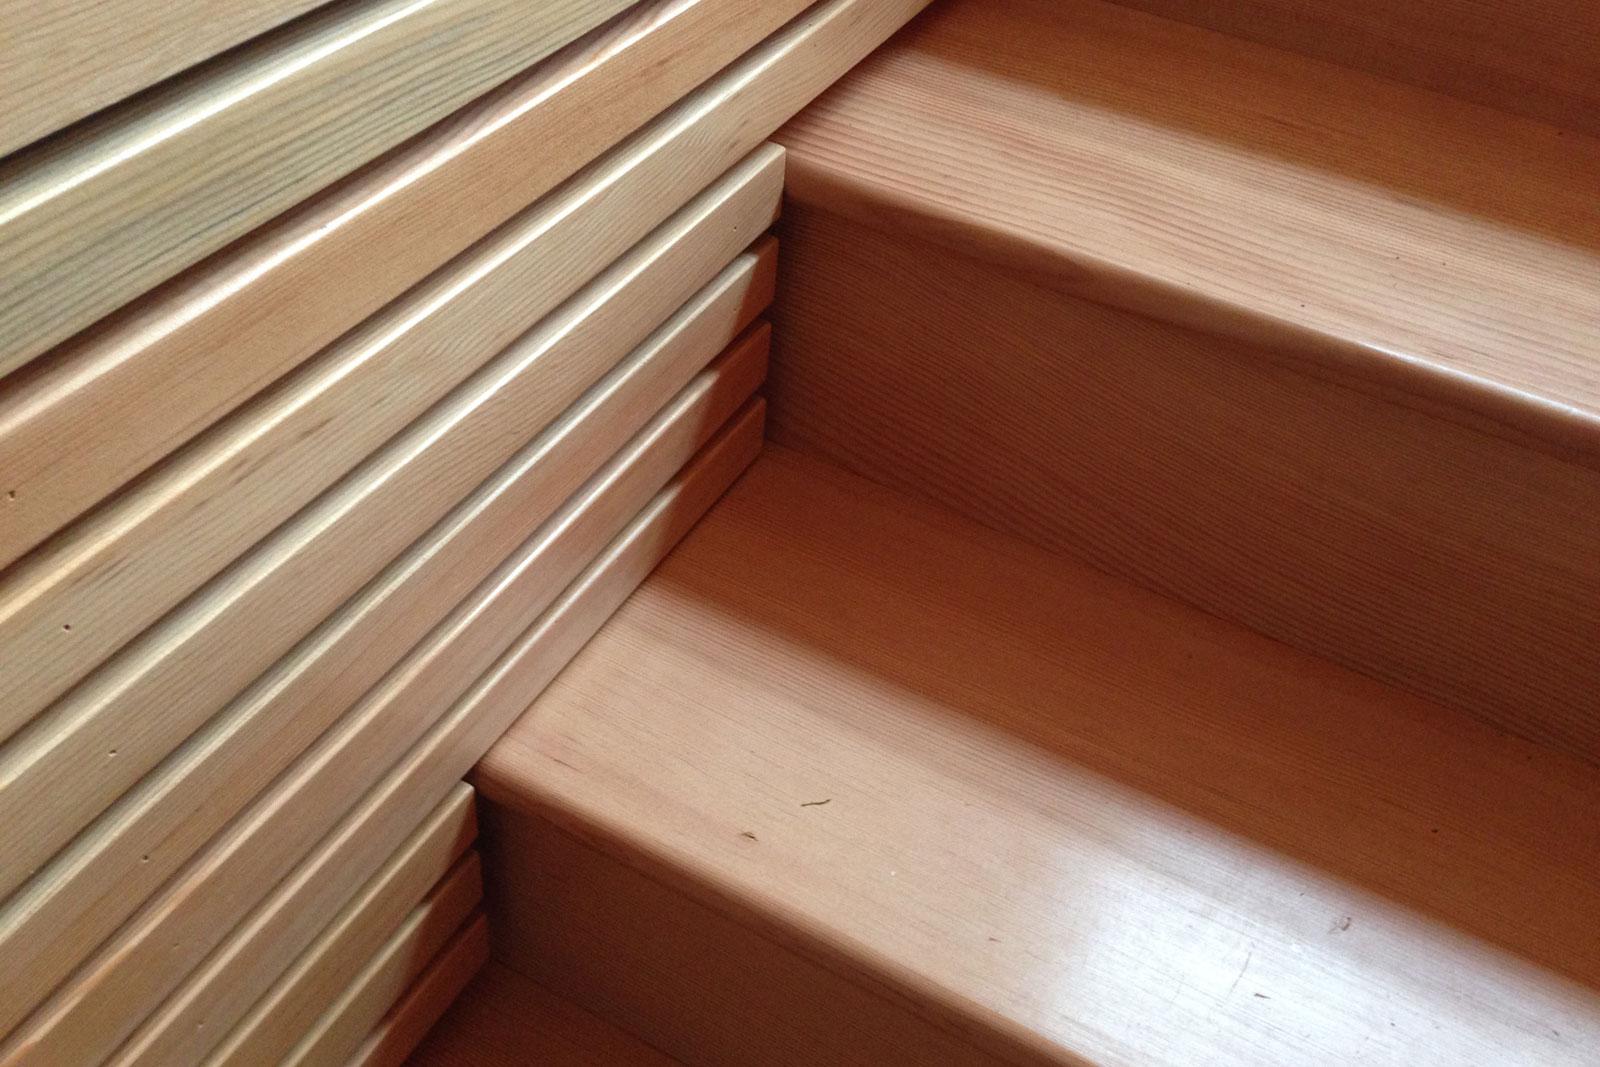 walsh_stair_06.jpg